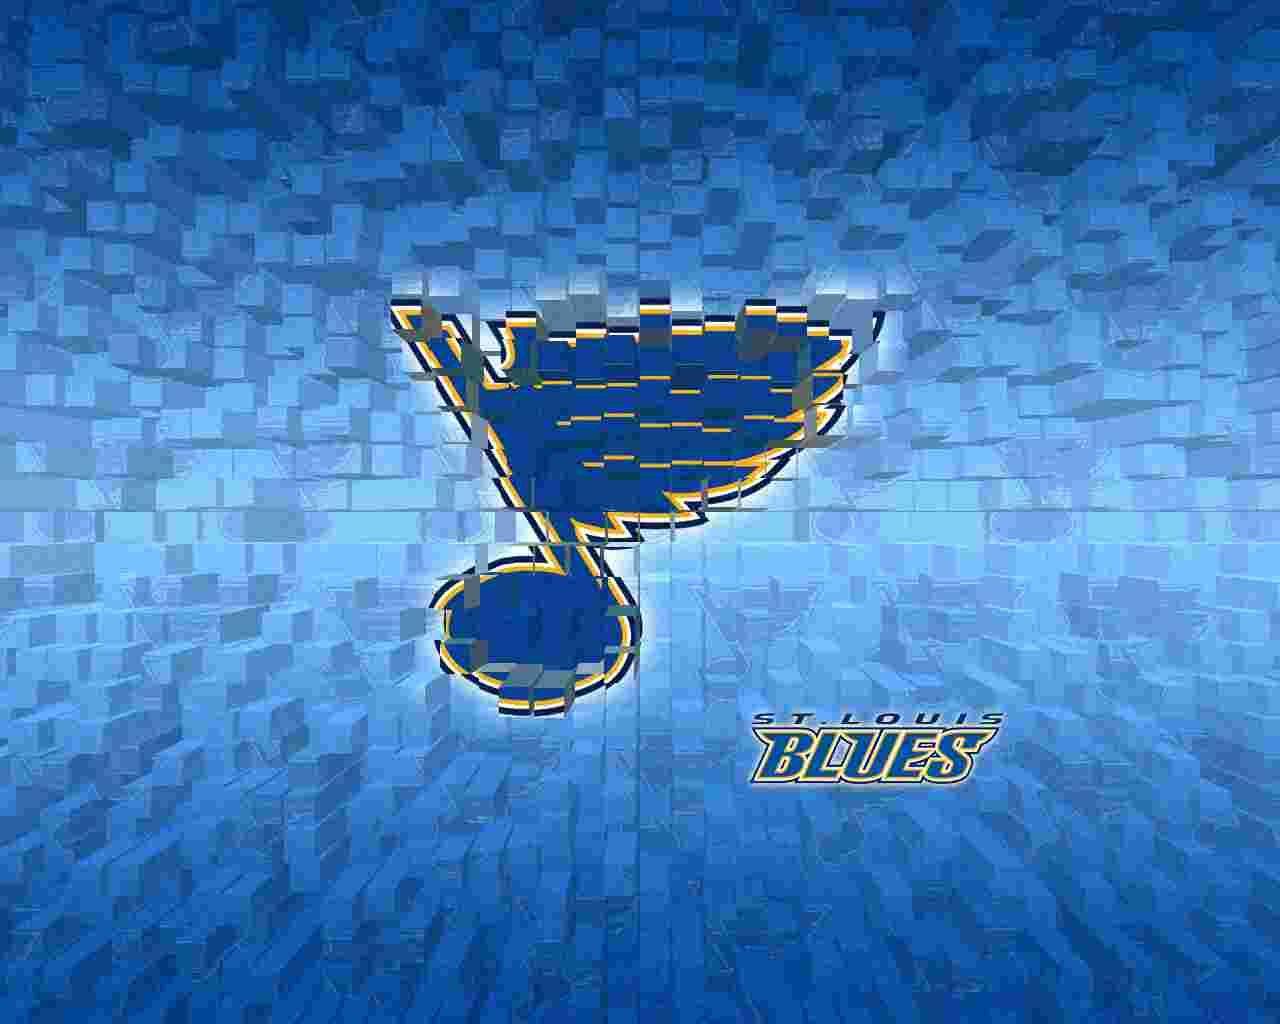 St Louis Blues St Louis Blues Wallpaper Saint Louis Blues